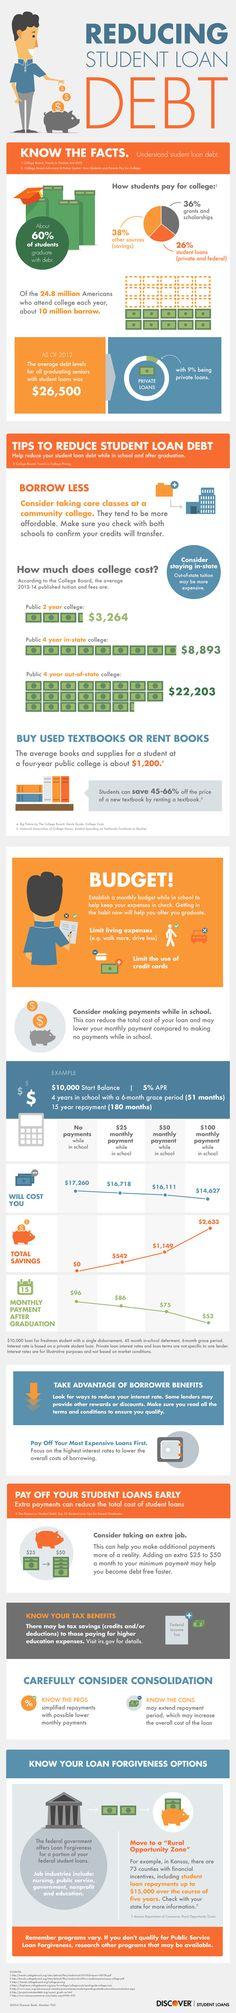 Kredyty Warszawa są przeznaczone, dla osób, które potrafią pilnować swojego budżetu. Niemożliwym jest życie od pierwszego do ostatniego i jednoczesne spłacanie rat kredytu. Musisz potraktować to poważnie, jeśli masz zamiar wziąć kredyt. http://dobrekredyty.com.pl